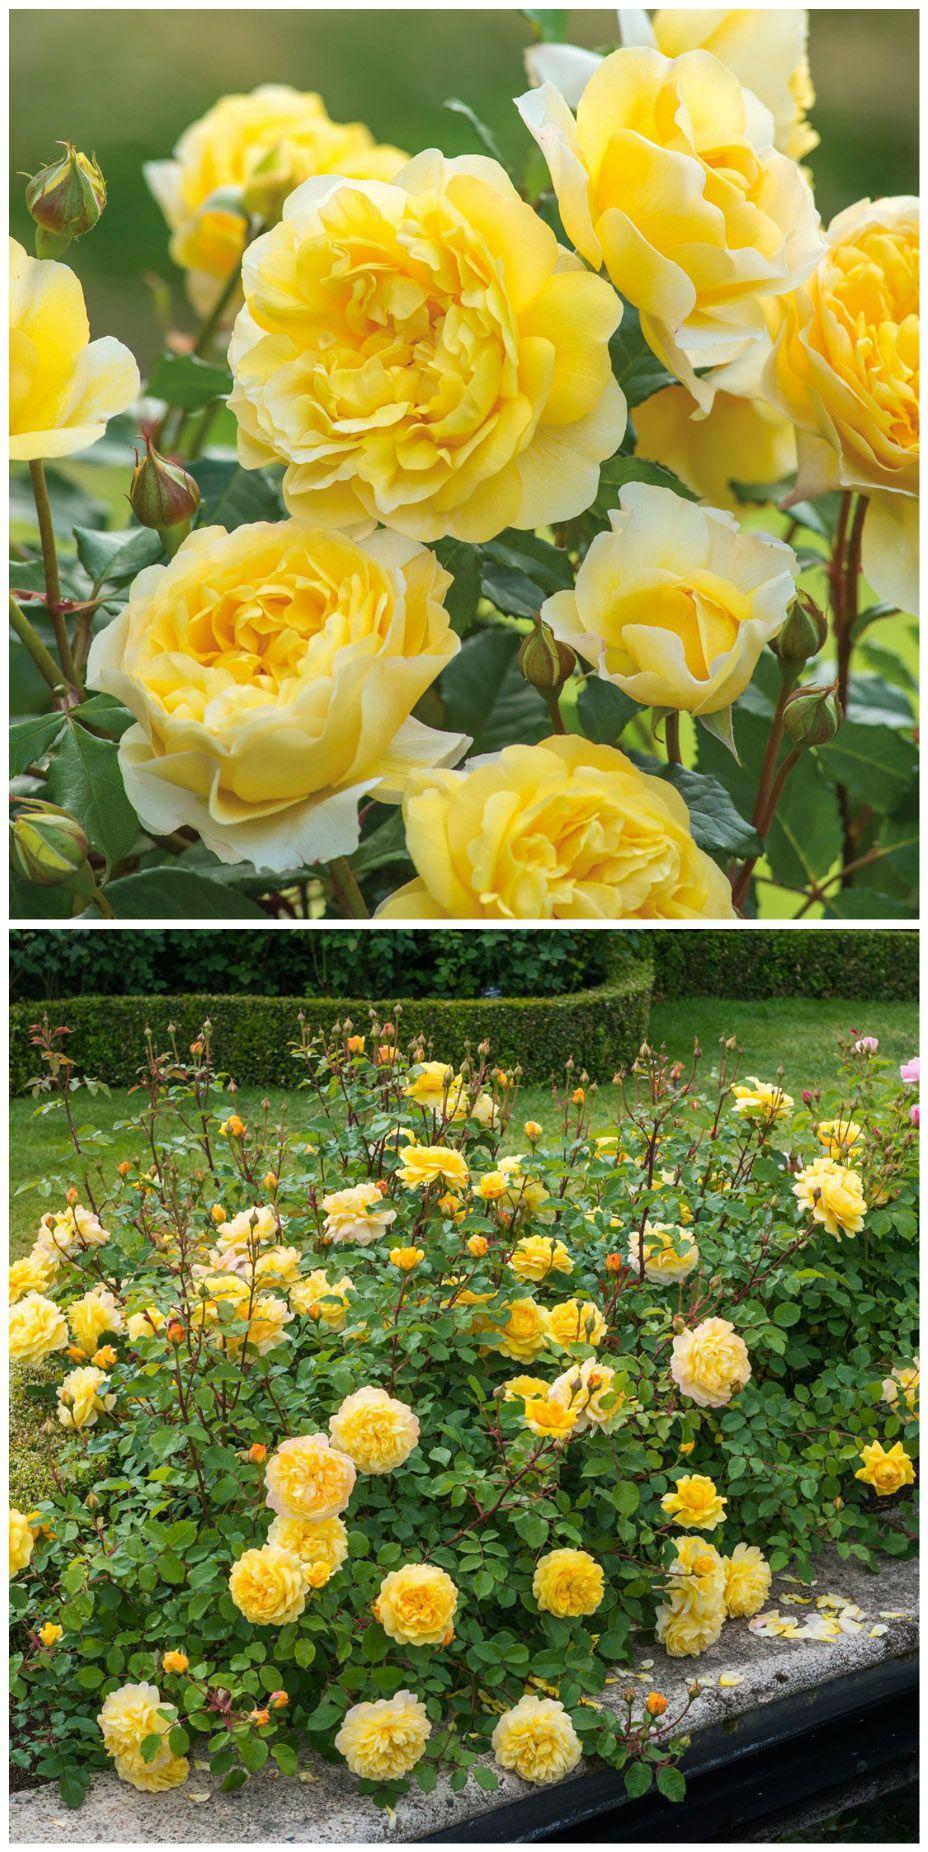 Die Leuchtend Gelben Bluten Der Englischen Rose The Poet S Wife Auswhirl Verspruht Einen Intensiven Zitronenduft In Eu Englische Rosen Rosen Tom Garten